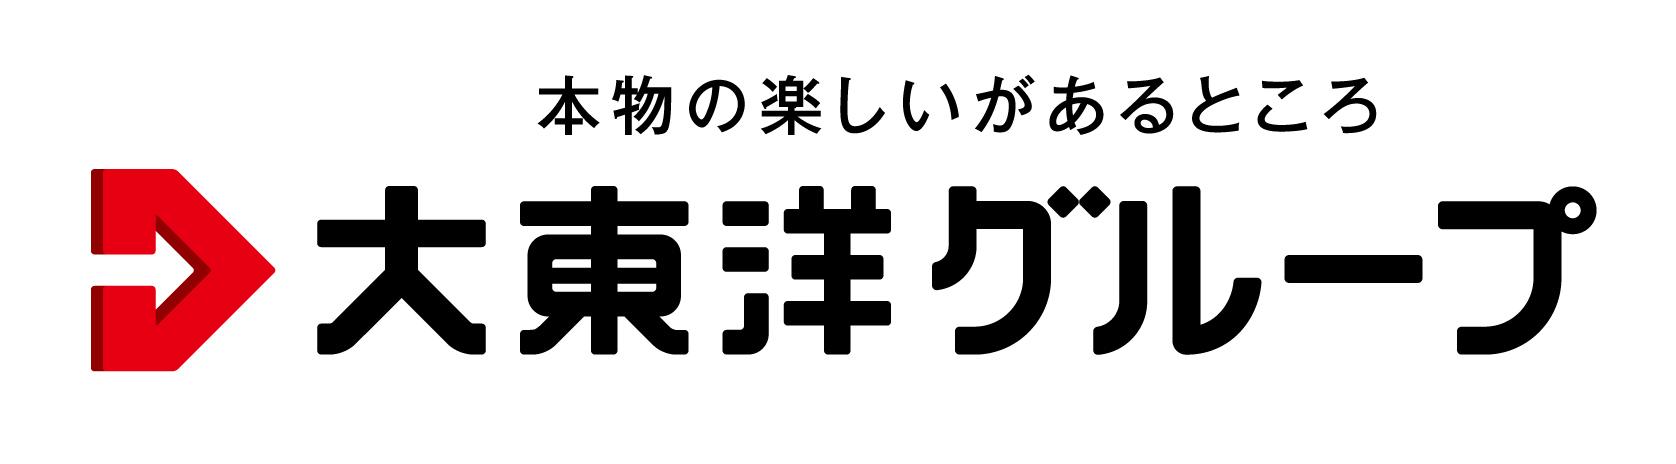 北大阪振興株式会社